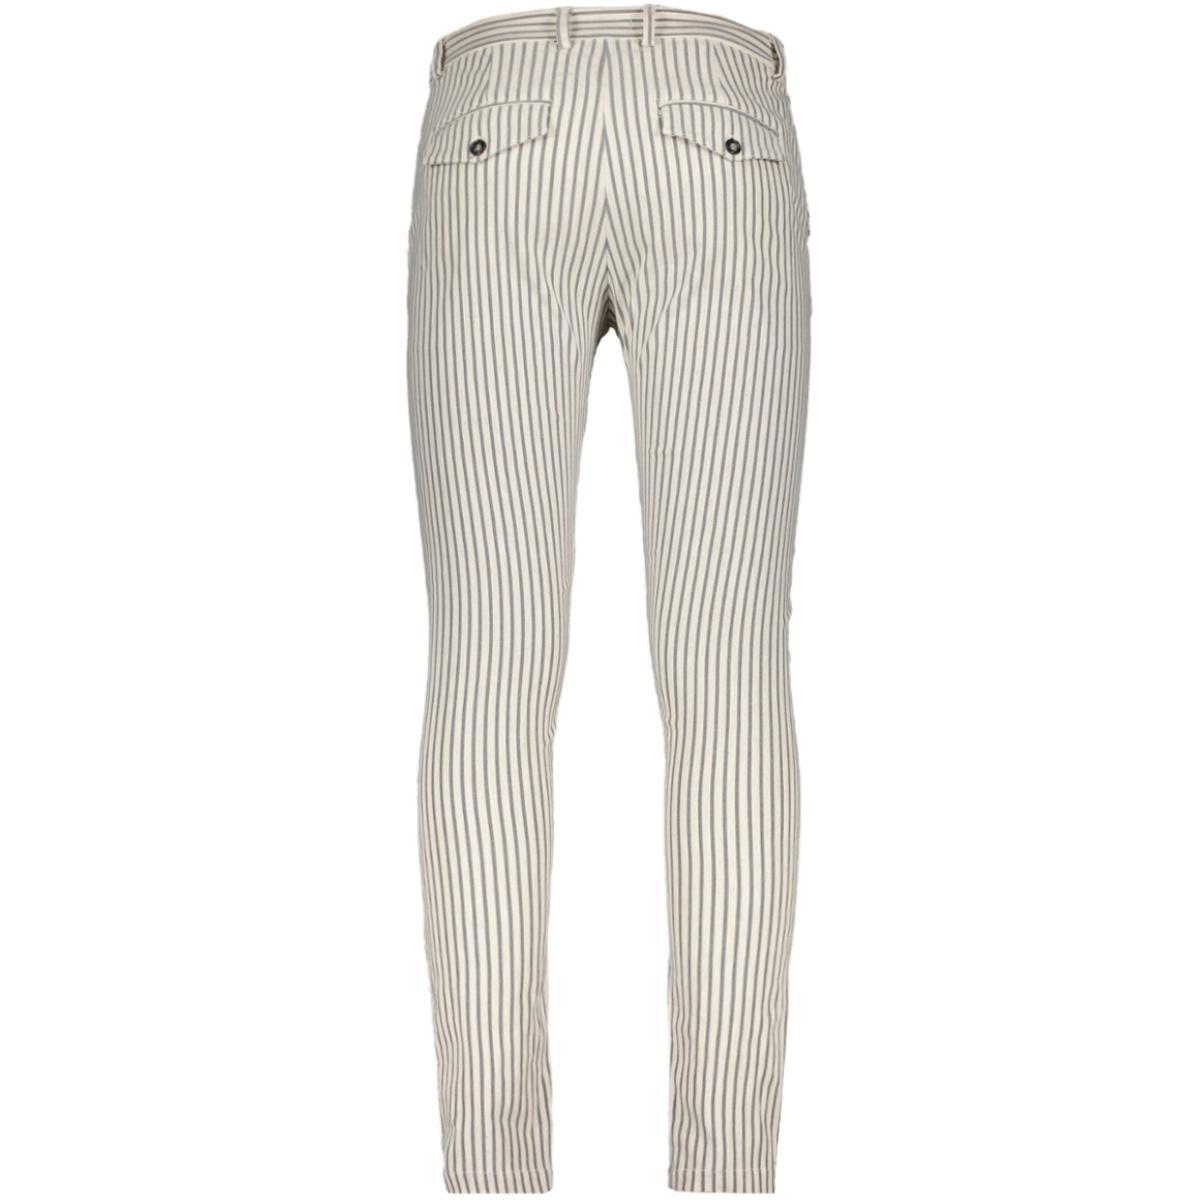 paulo ferlucci jeans krijtstripe